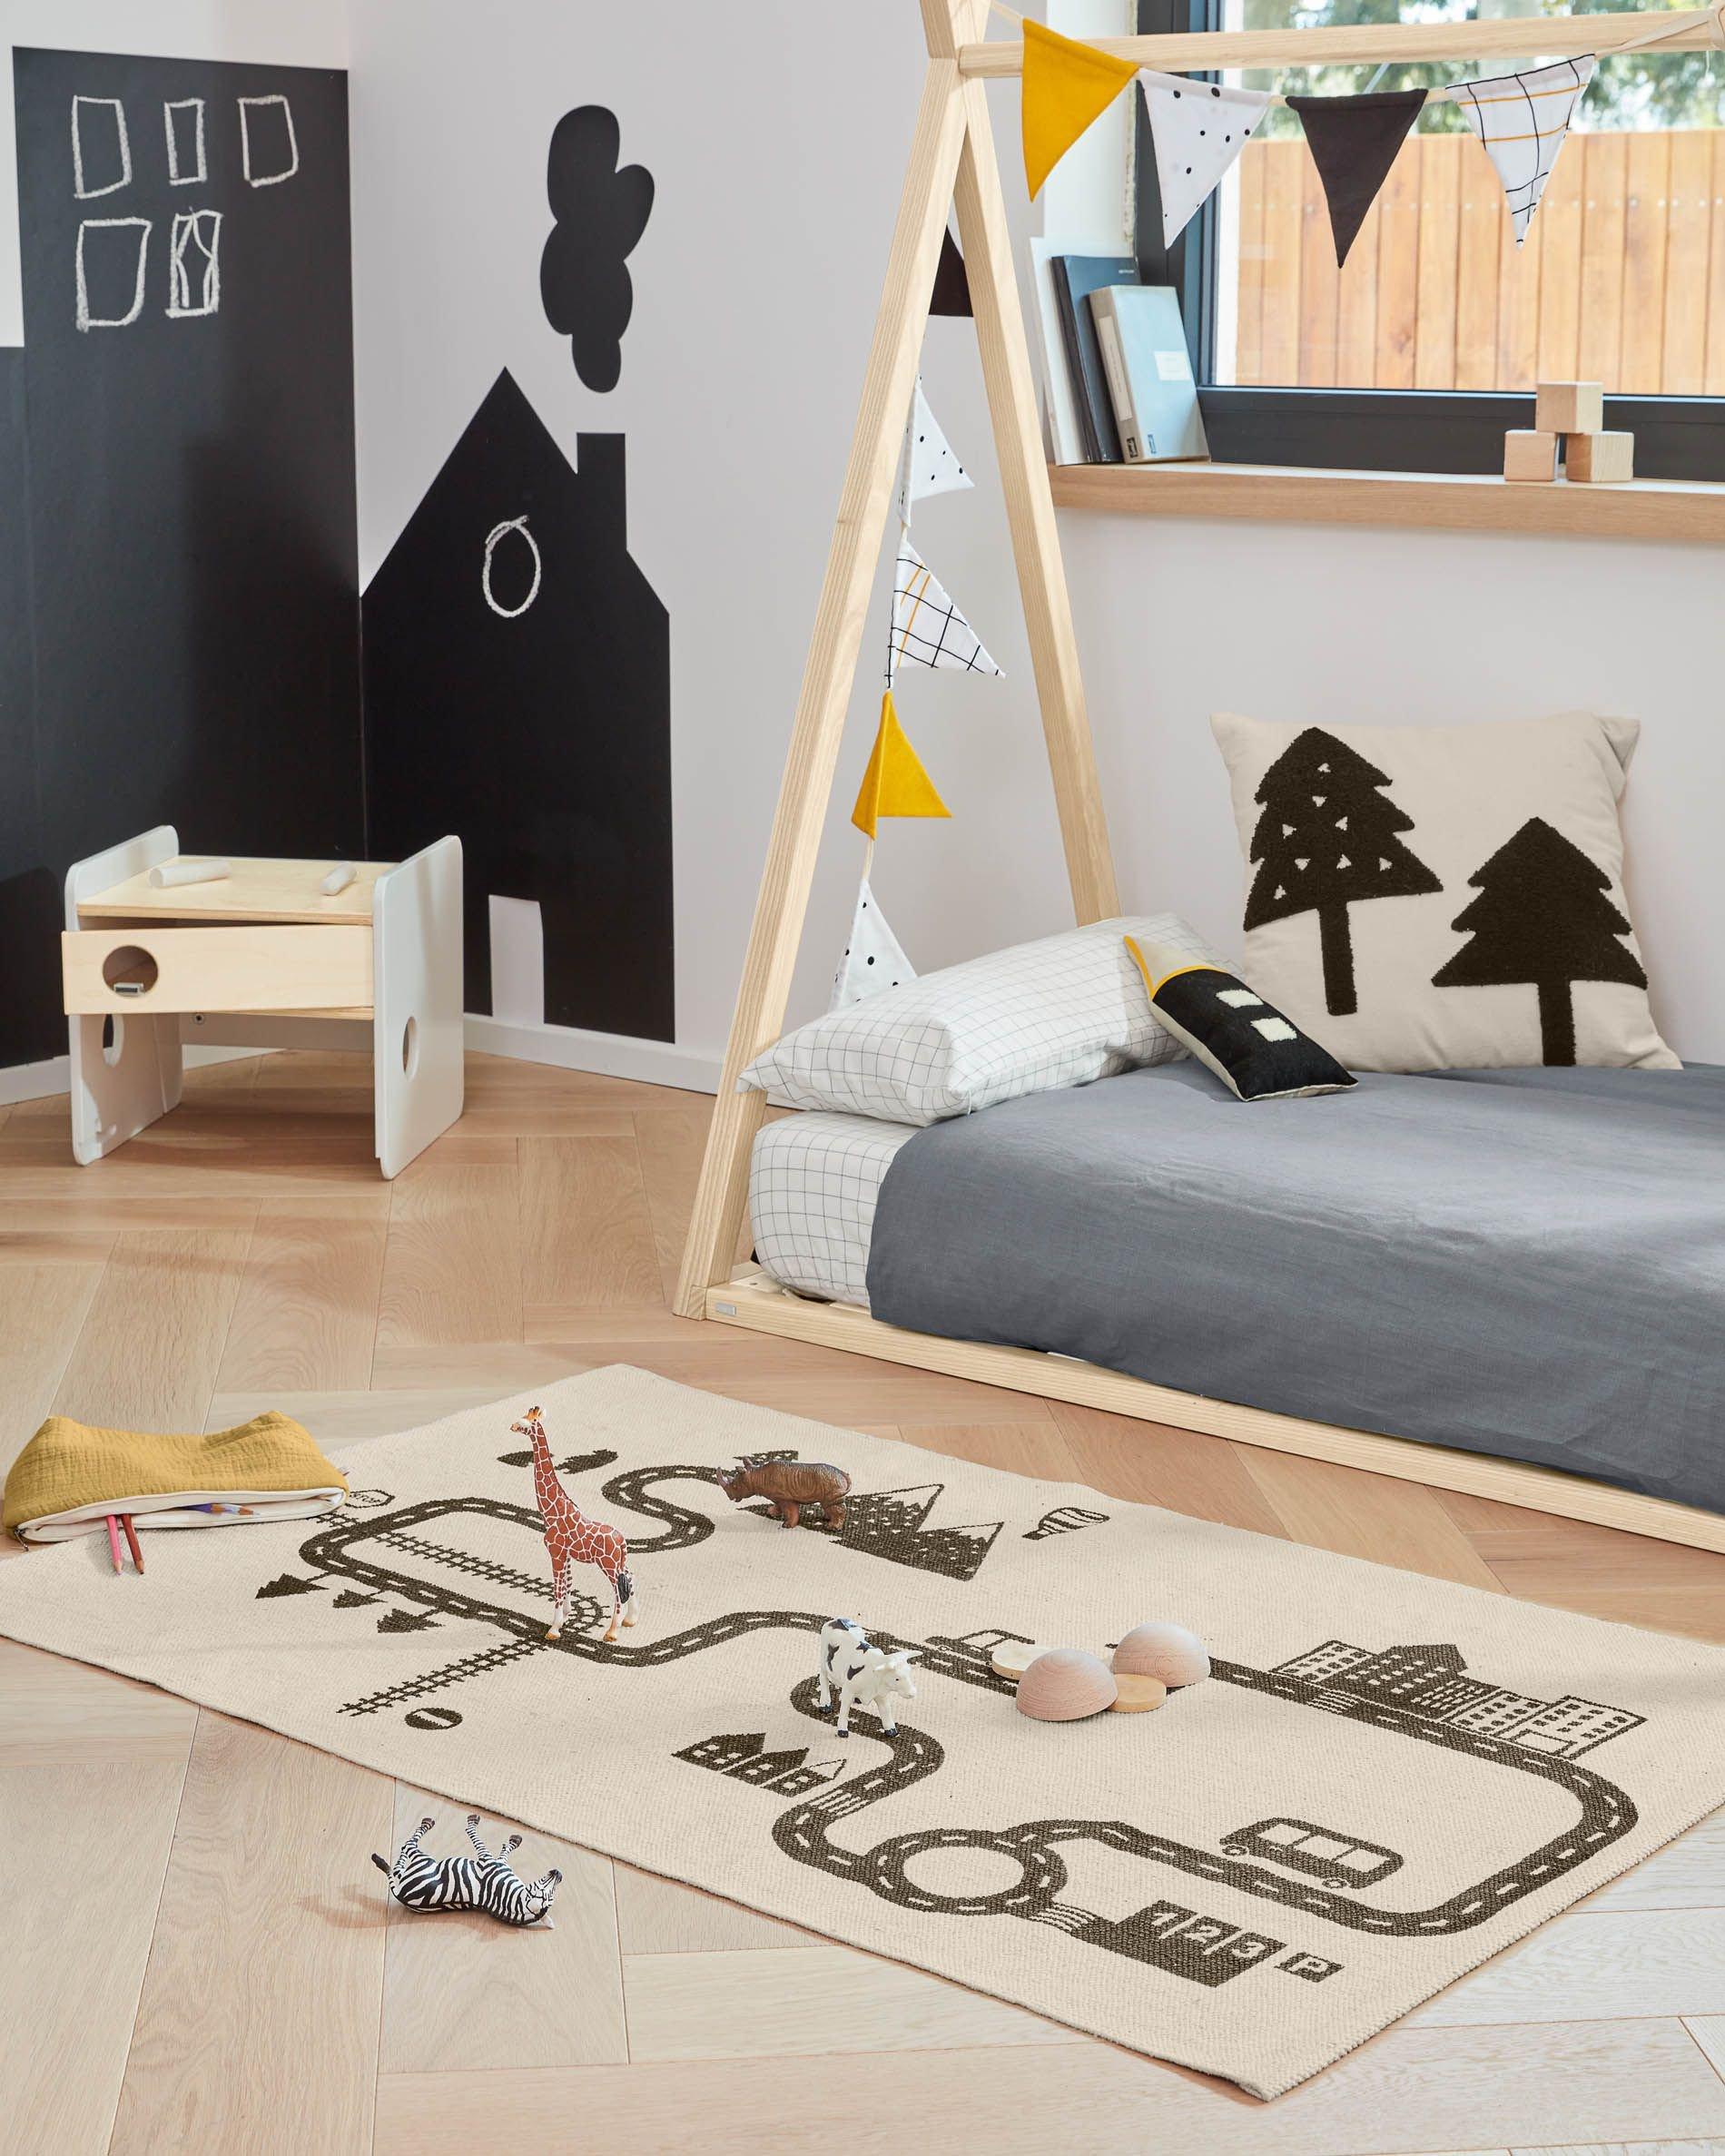 habitacion-infantil-juguetes